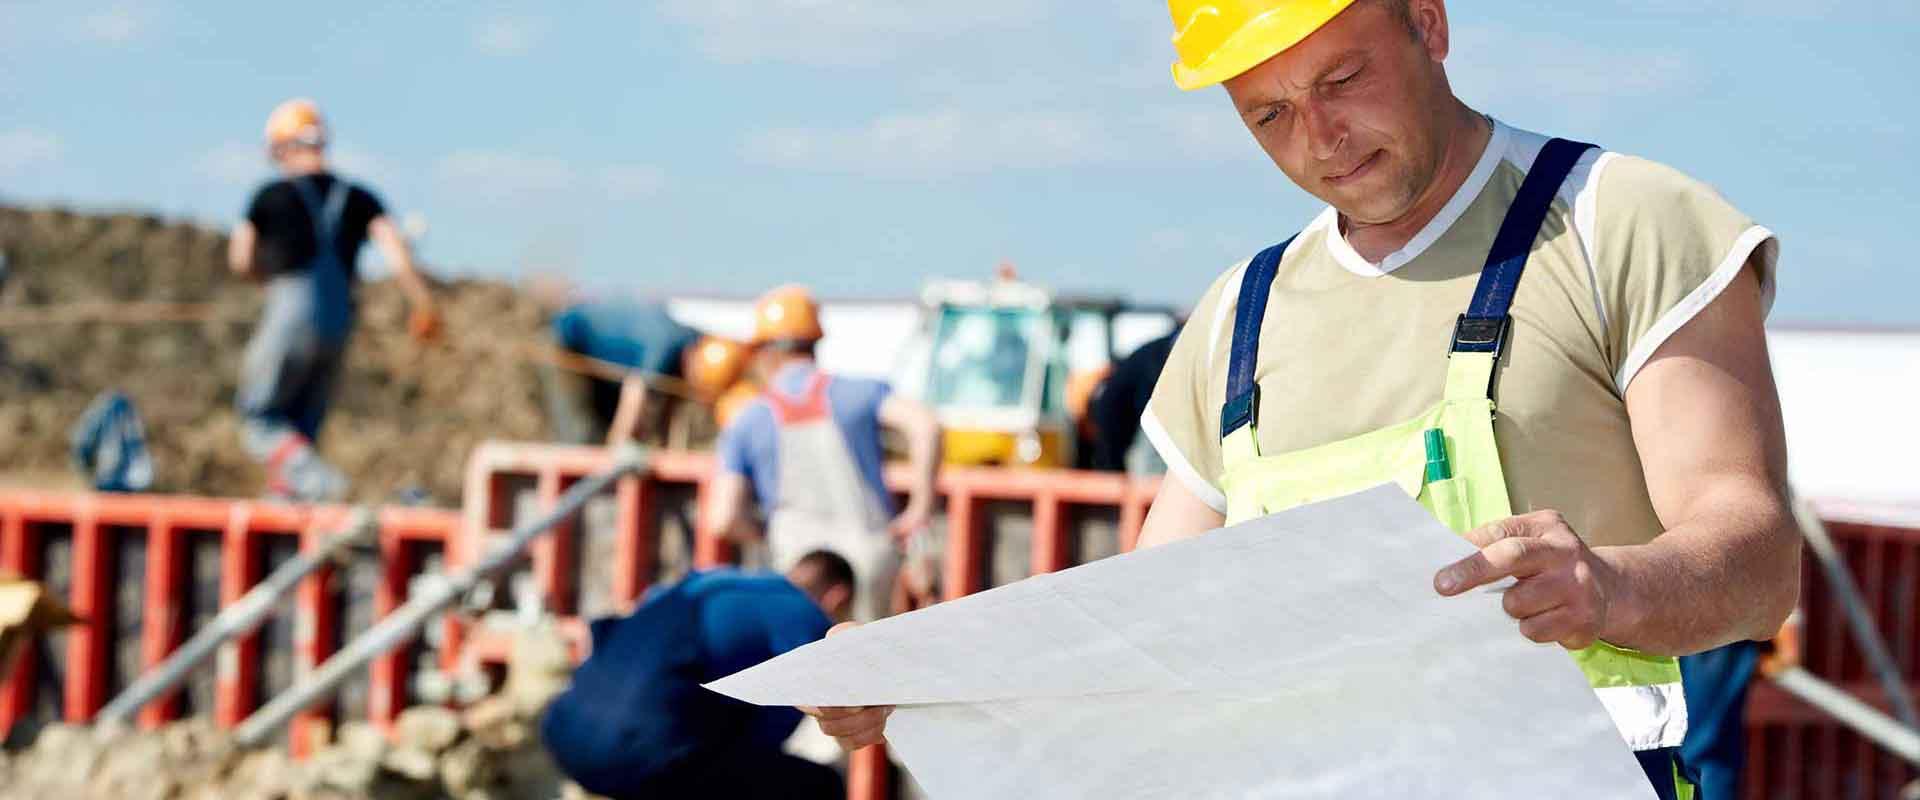 Доставка бетона. Купить бетон с доставкой